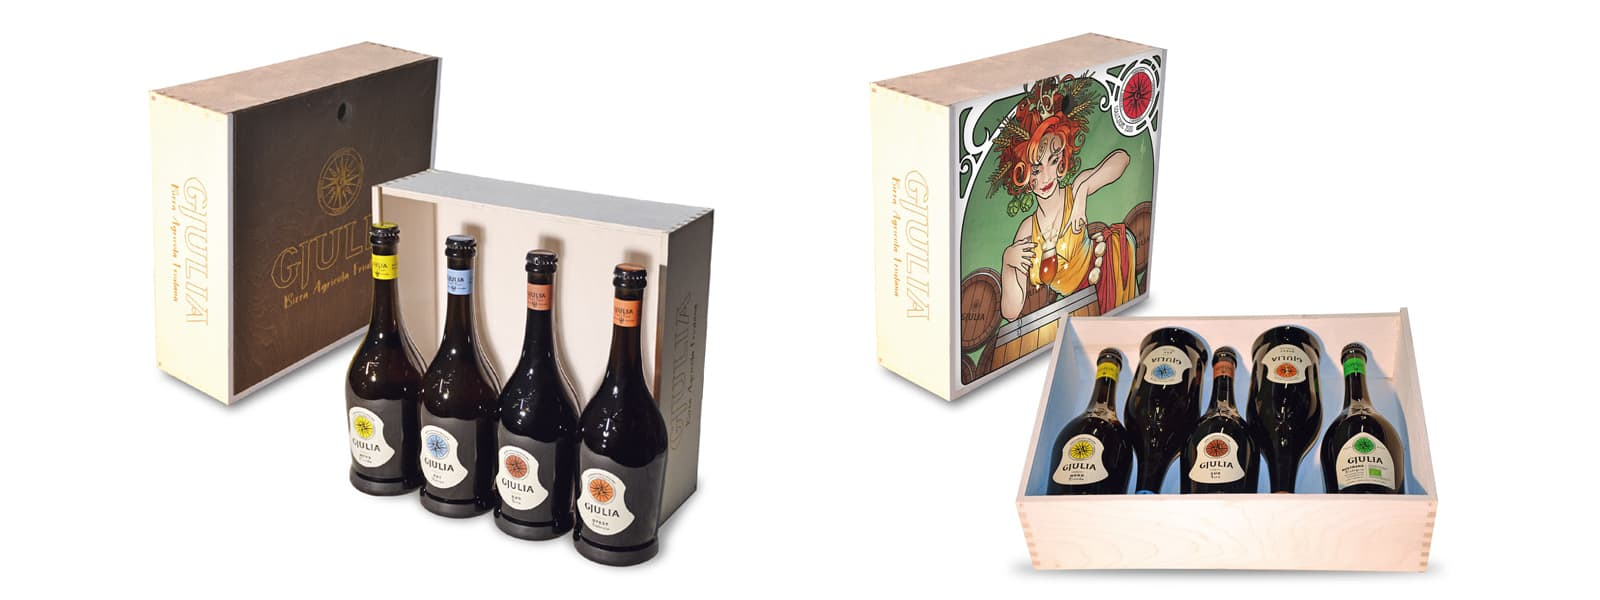 Vini Altùris & Birra Gjulia 1